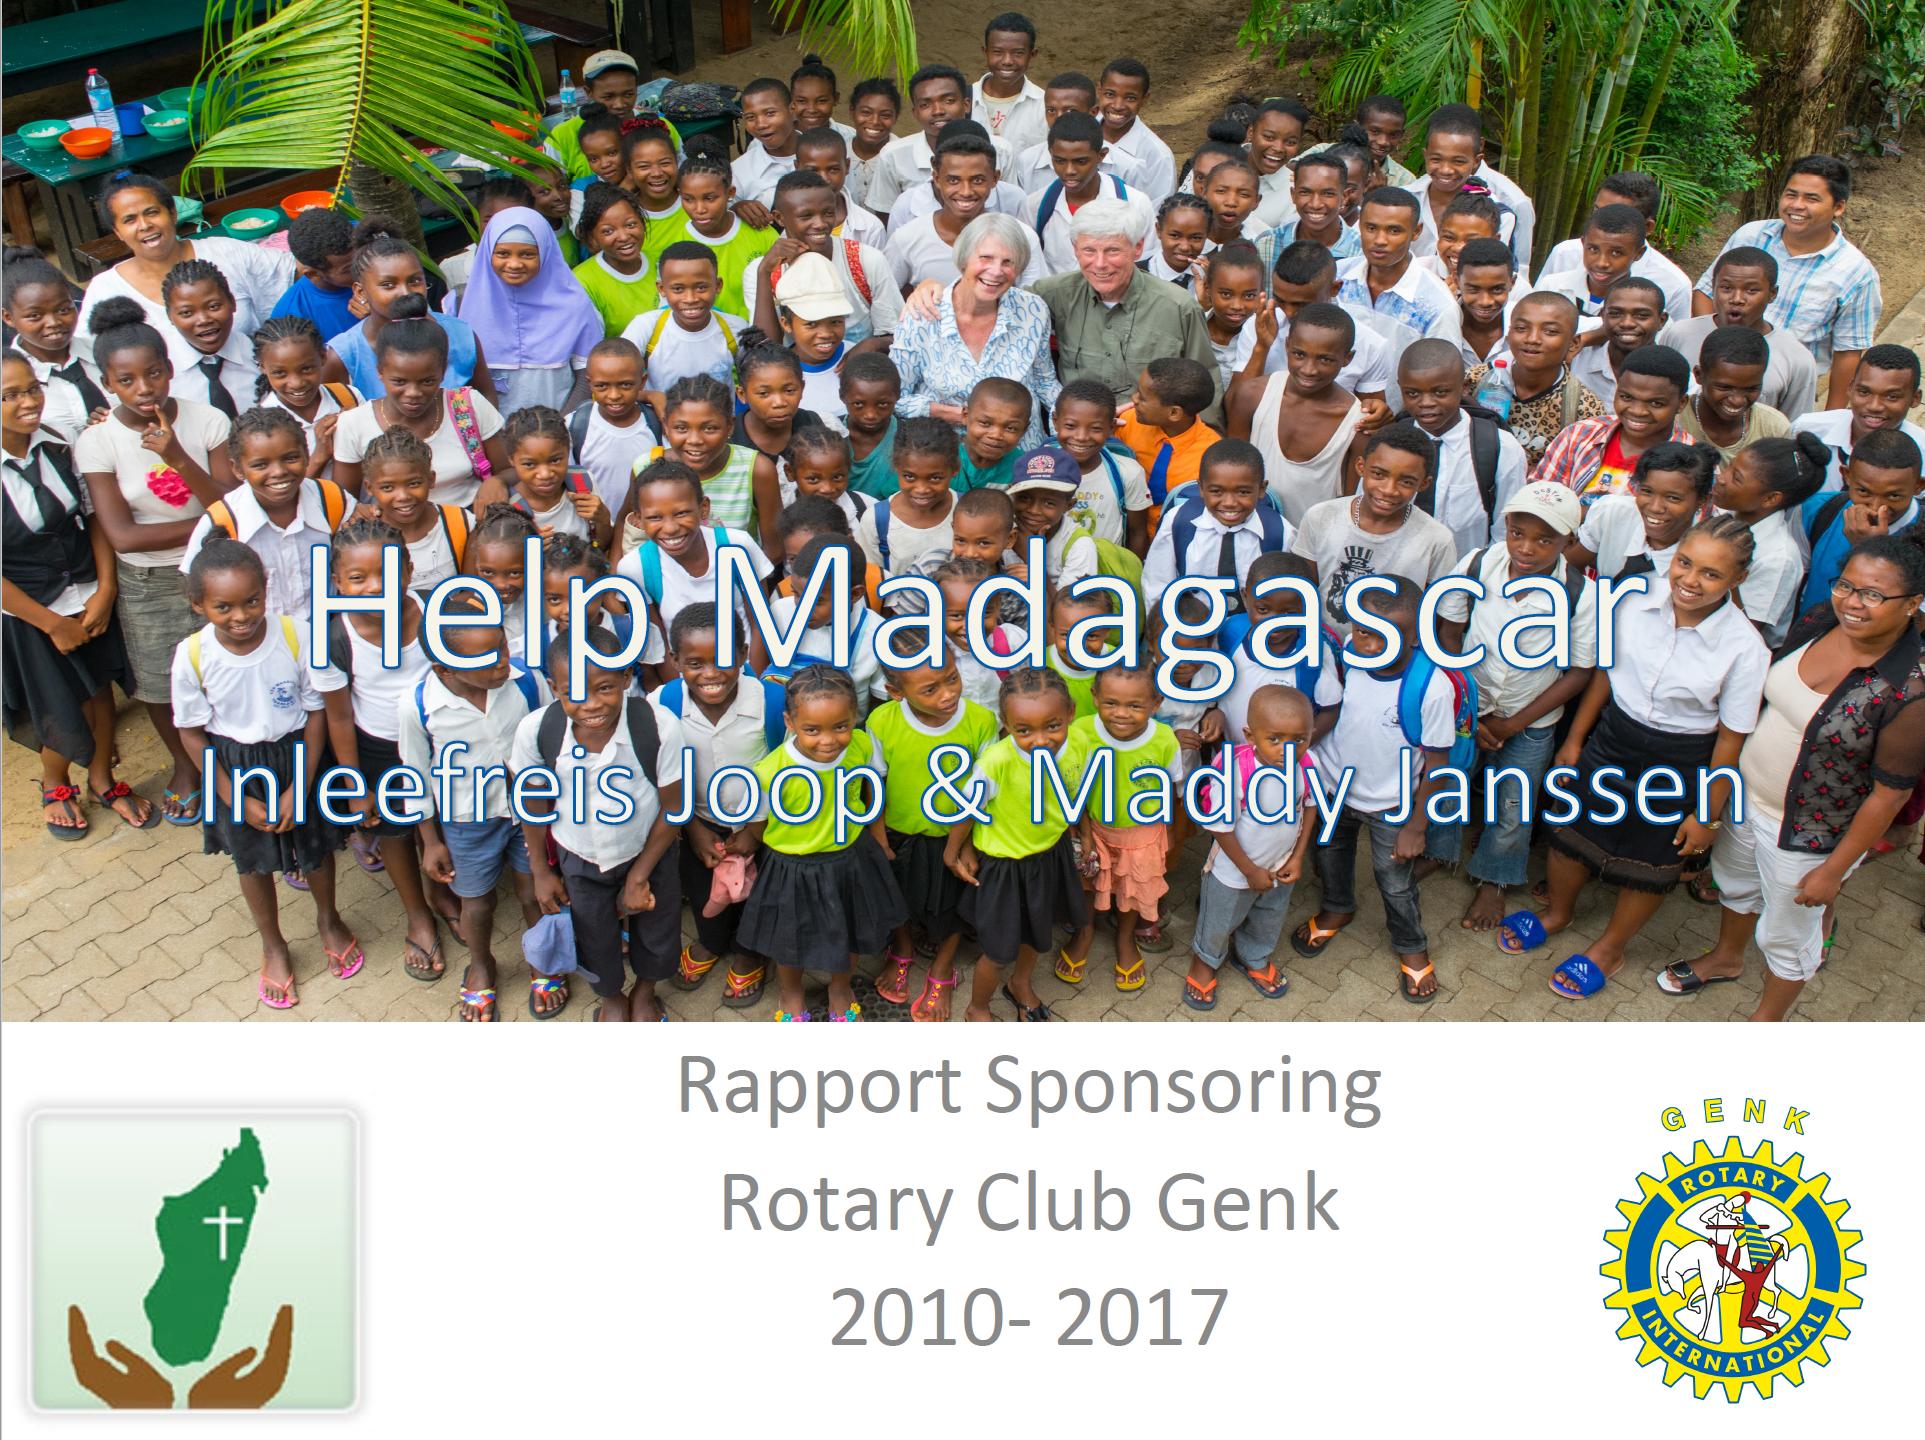 Powerpoint bezoek Joop Madagascar